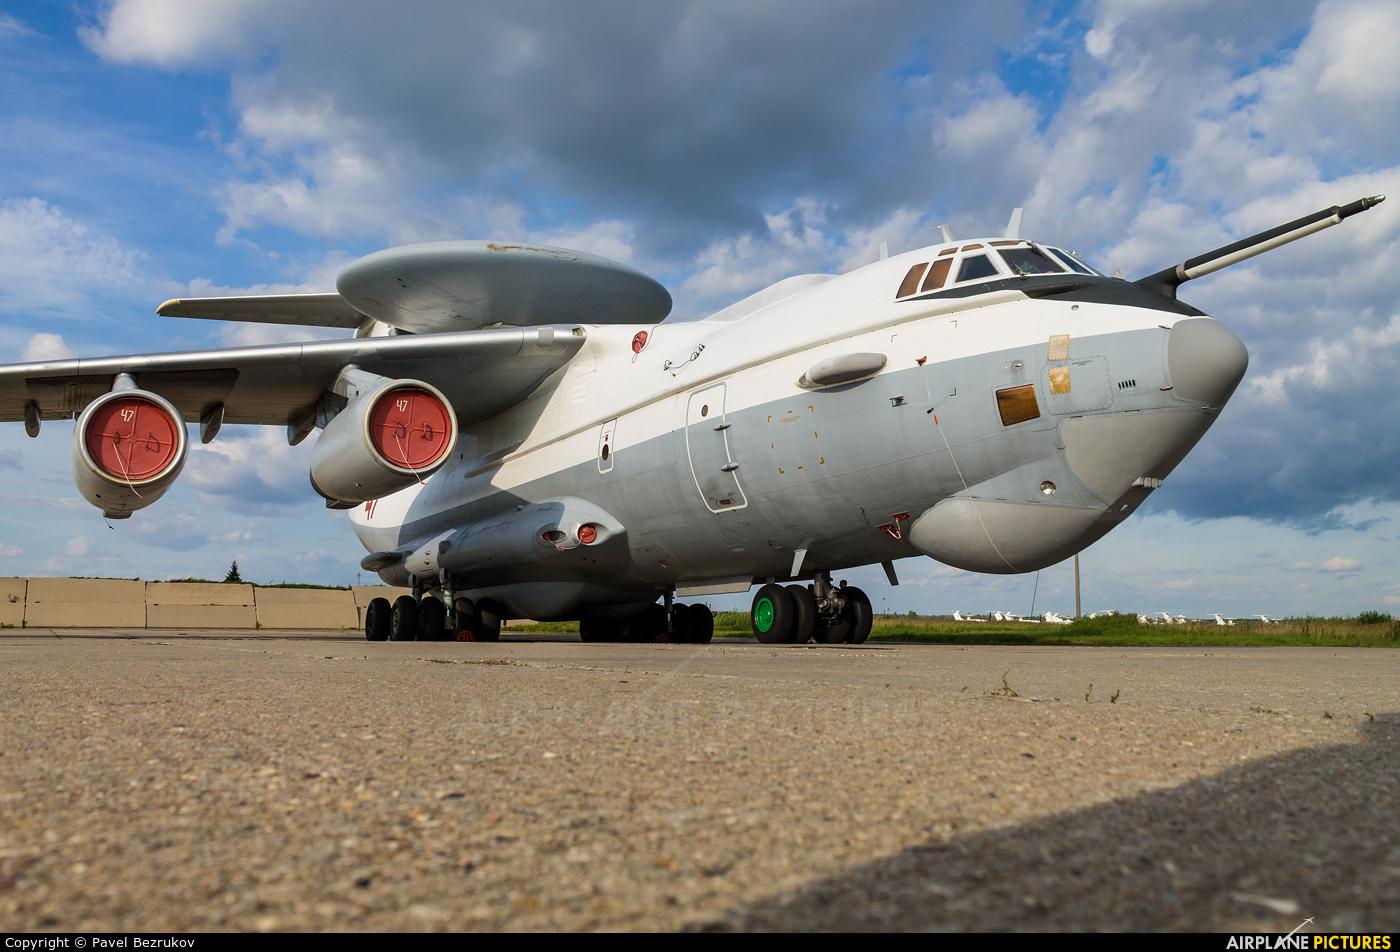 Russia - Air Force RF-92957 aircraft at Ivanovo - Severny